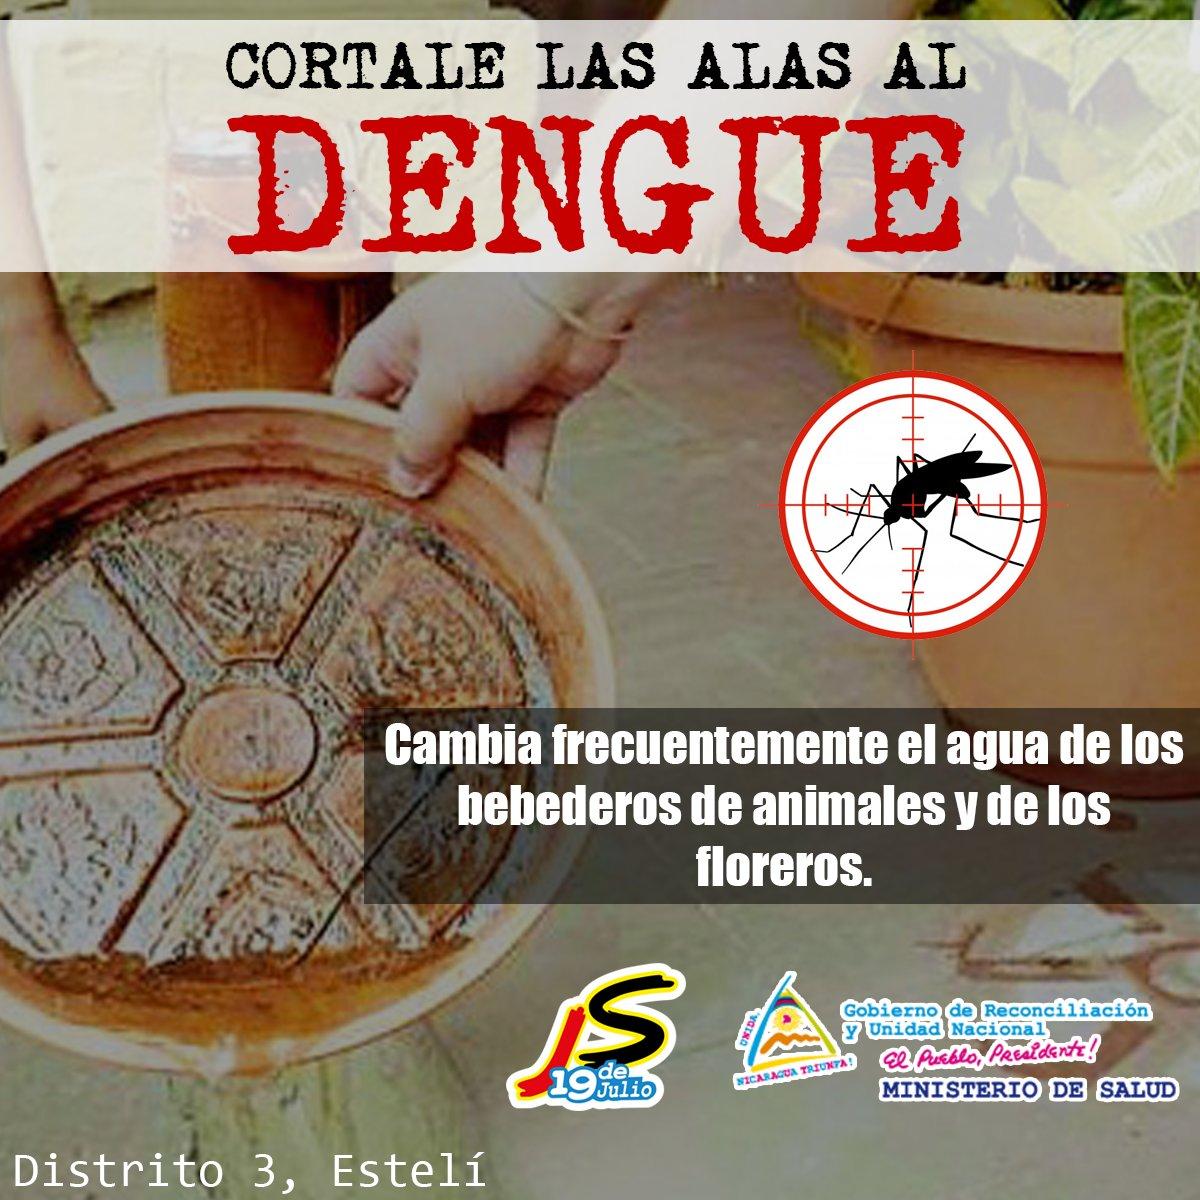 #20septiembre ✌  #Nicaragua Recordemos que también debemos de luchar contra el #Dengue siguiendo las recomendaciones del #Minsa podemos prevenir la reproducción del mosquito, excelente iniciativa de l@s chaval@s de Juventud Sandinista🔴⚫  #TeamWhiteLion #2021PatriaBenditaYLibre https://t.co/HGgoviRao9